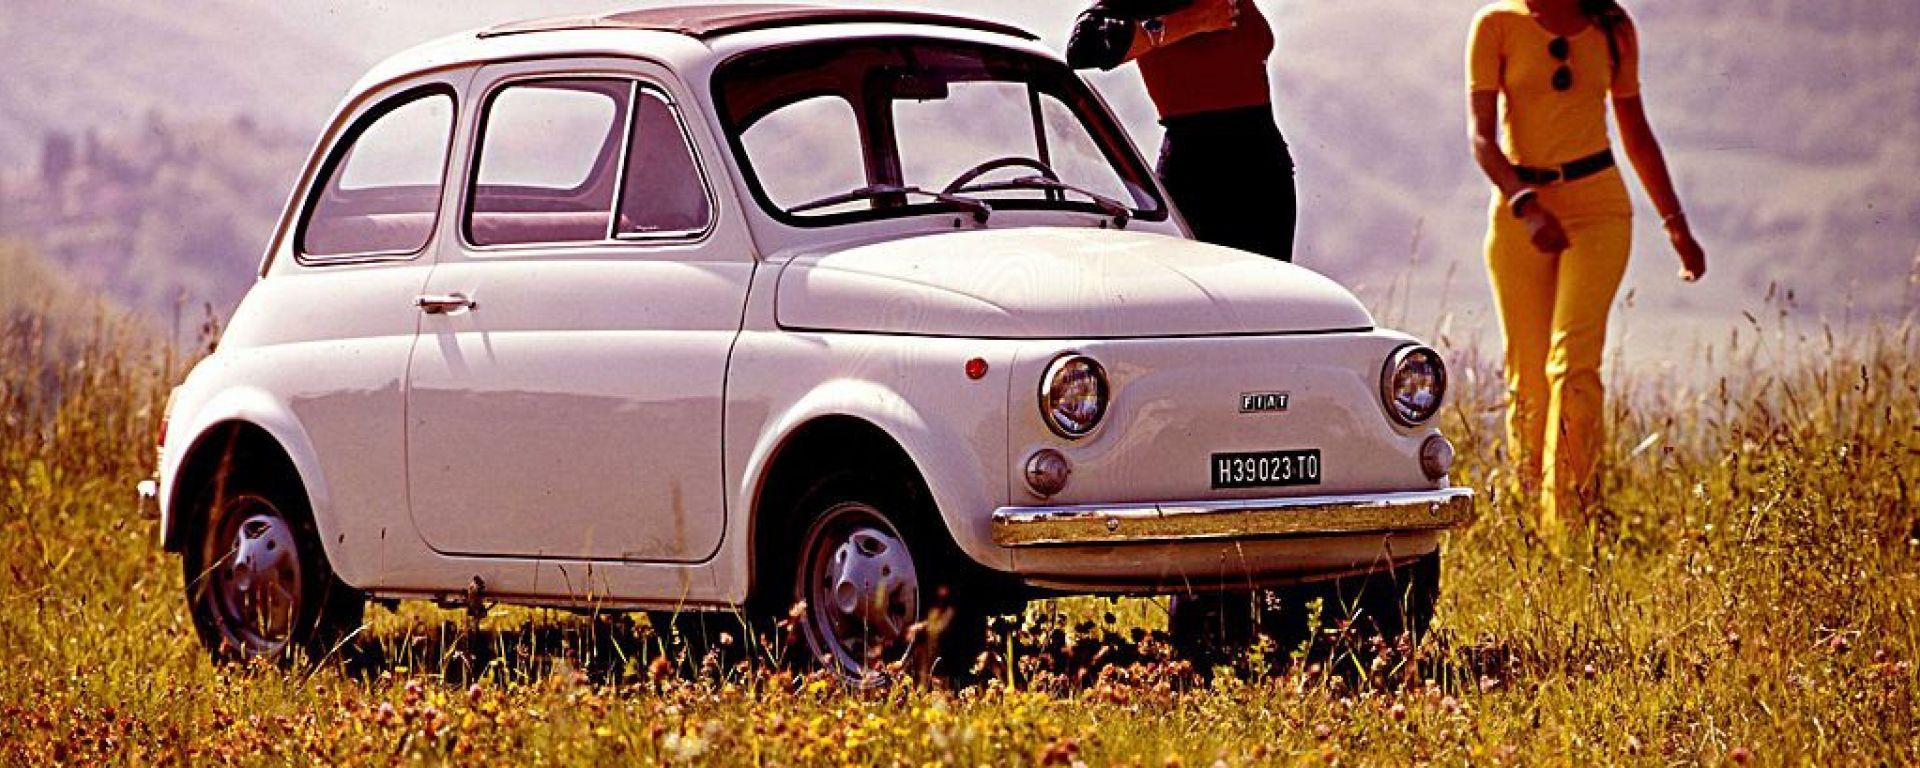 Scarpe nuove per la vecchia Fiat 500